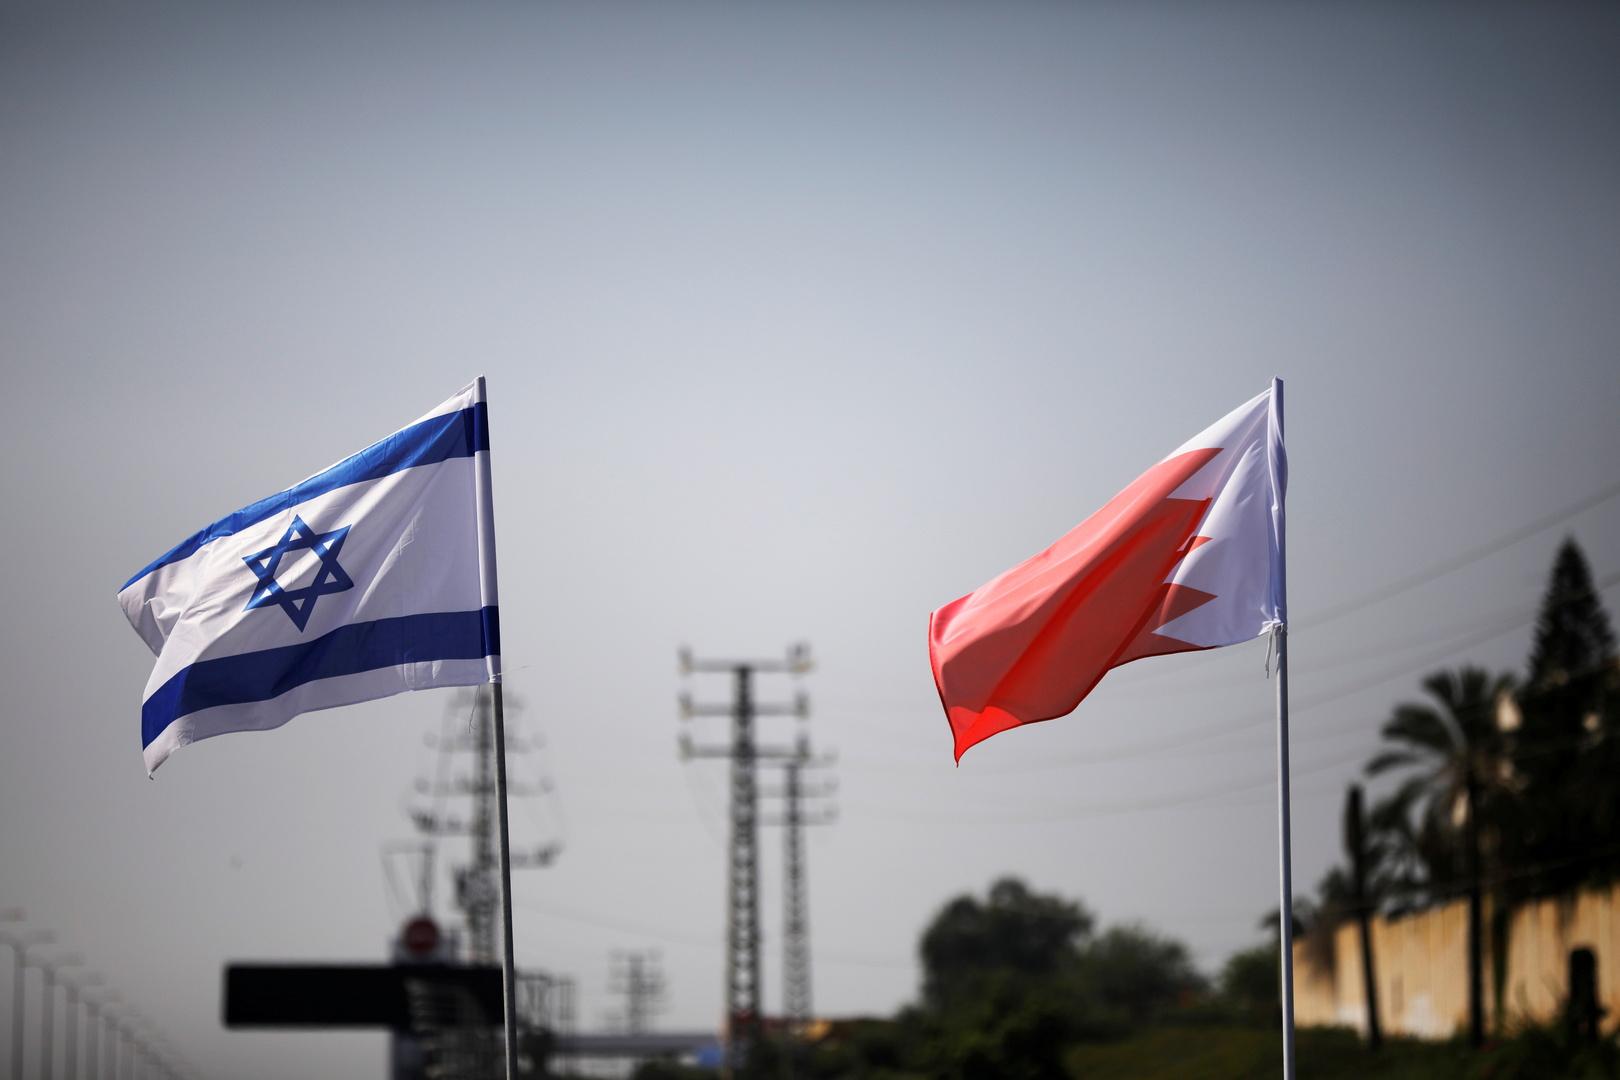 العلم البحريني والعلم الإسرائيلي